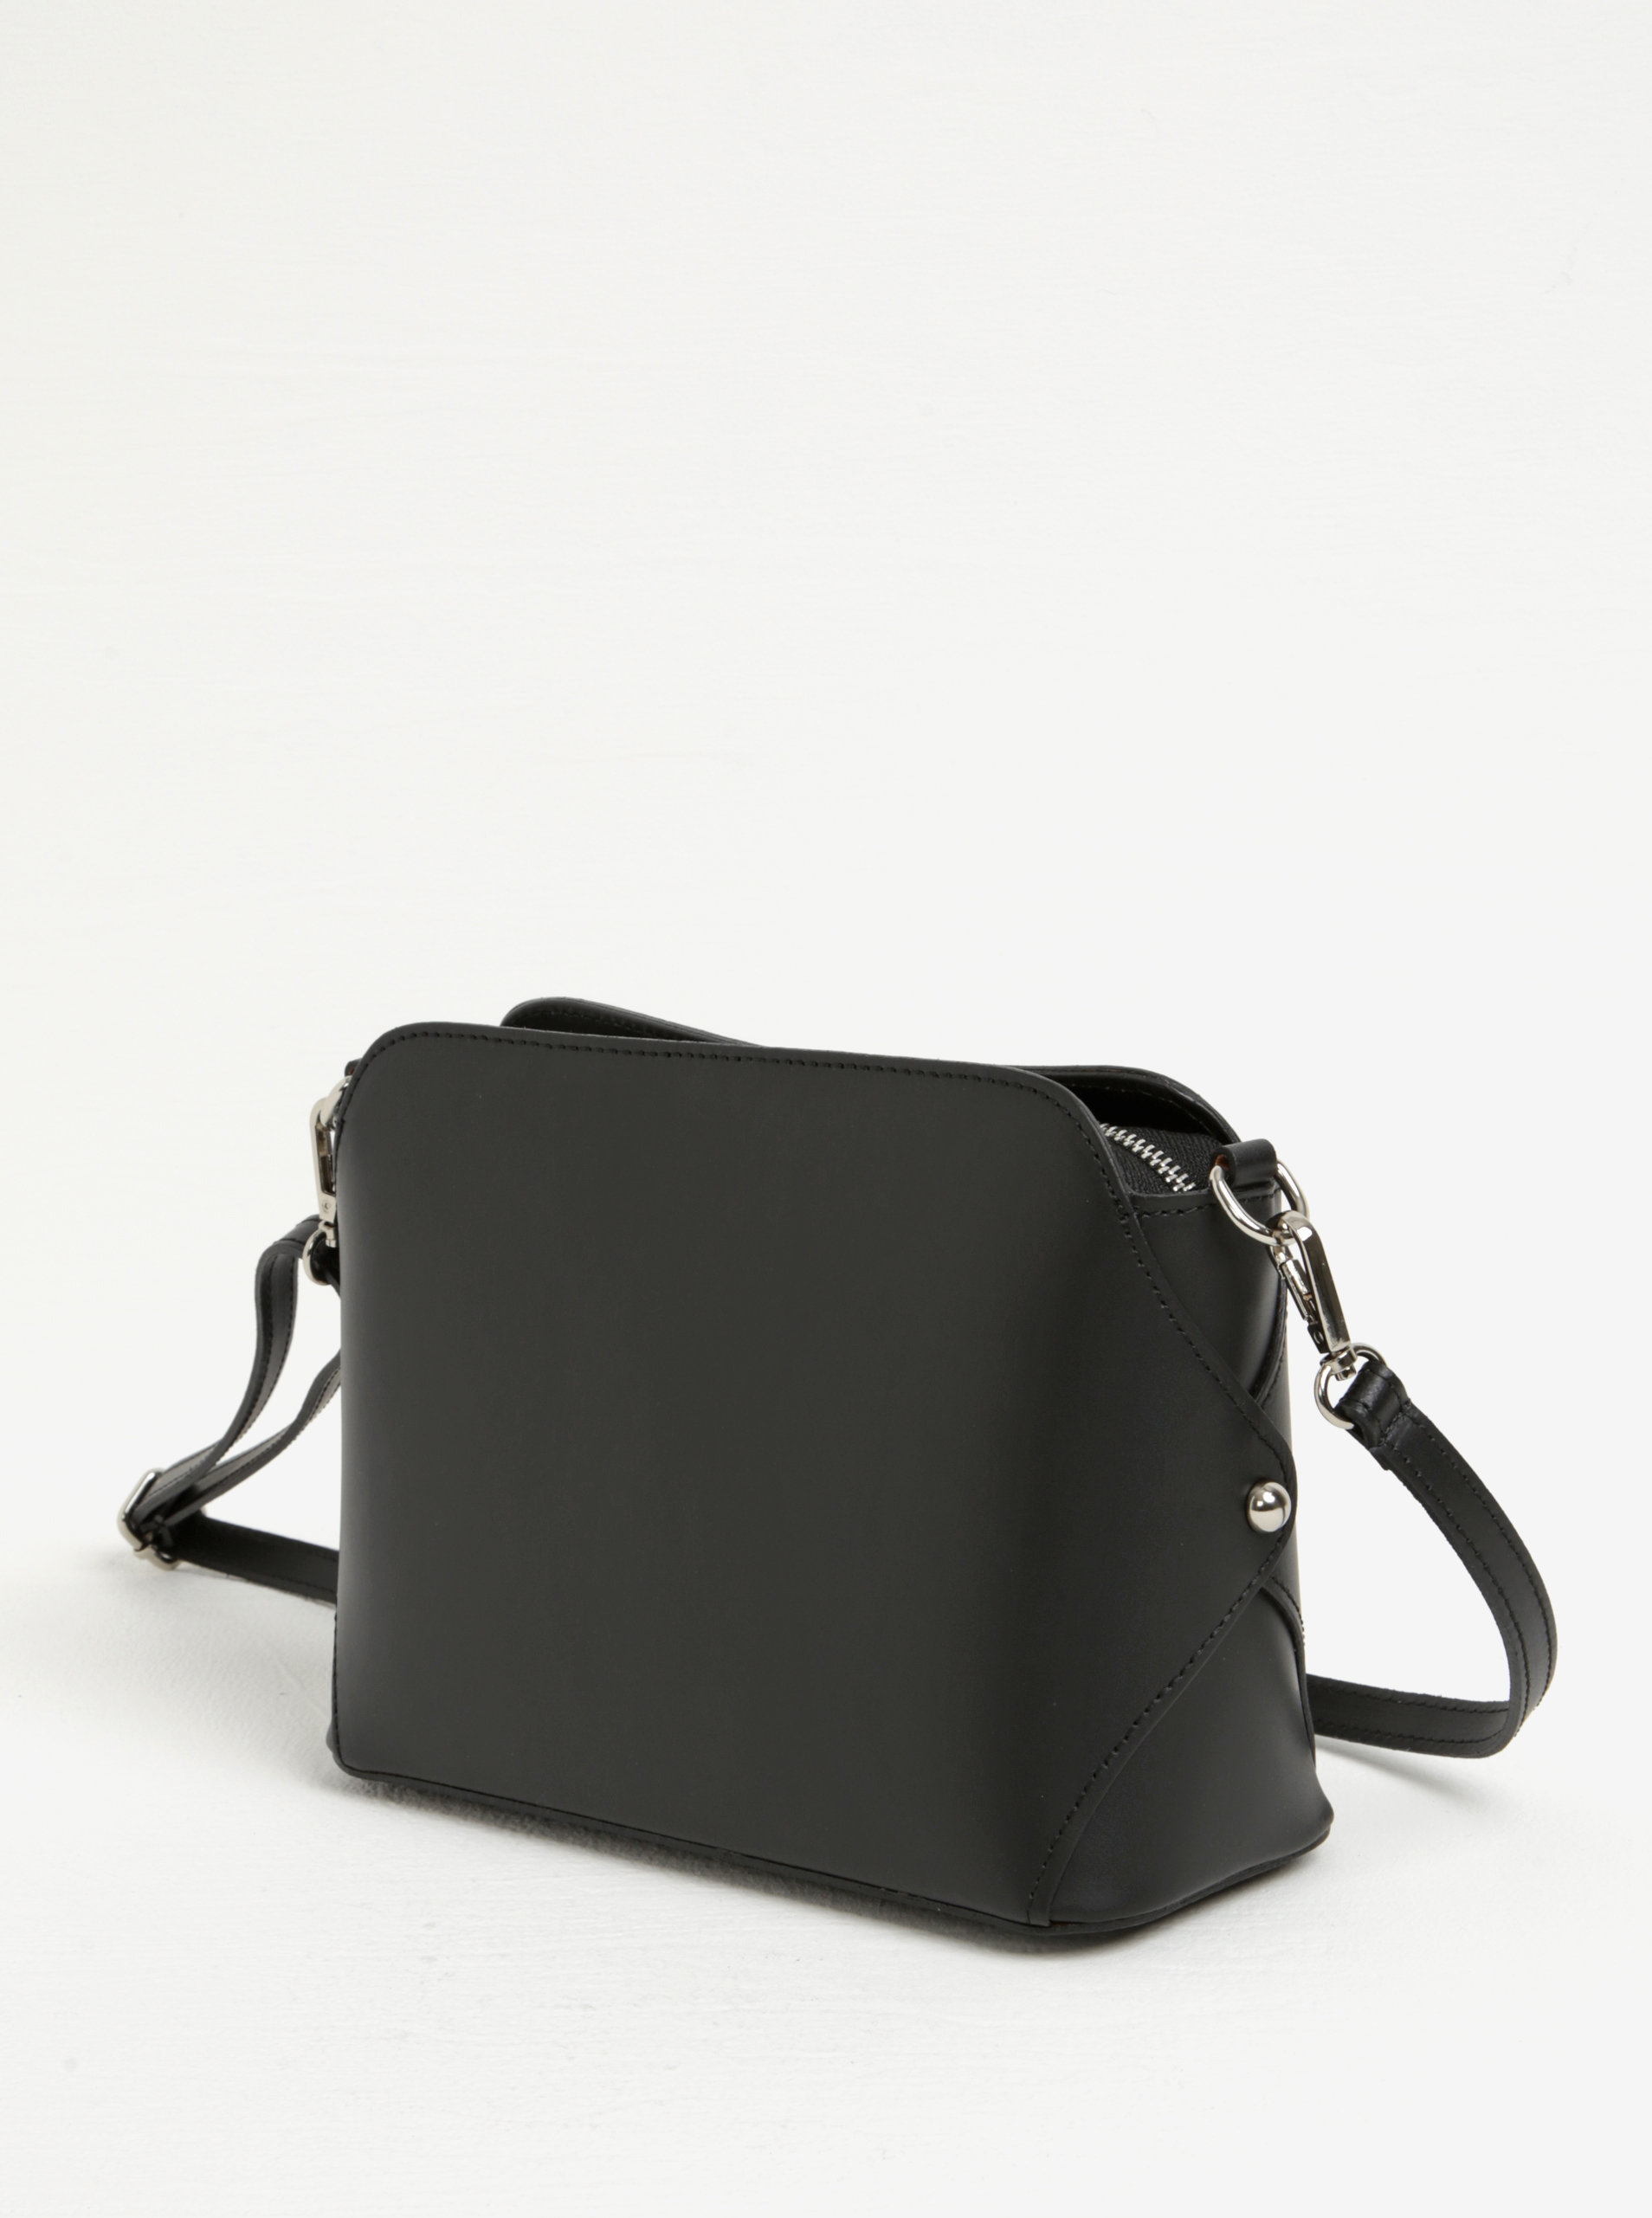 2490e101d9e8 Čierna dámska kožená crossbody kabelka KARA ...